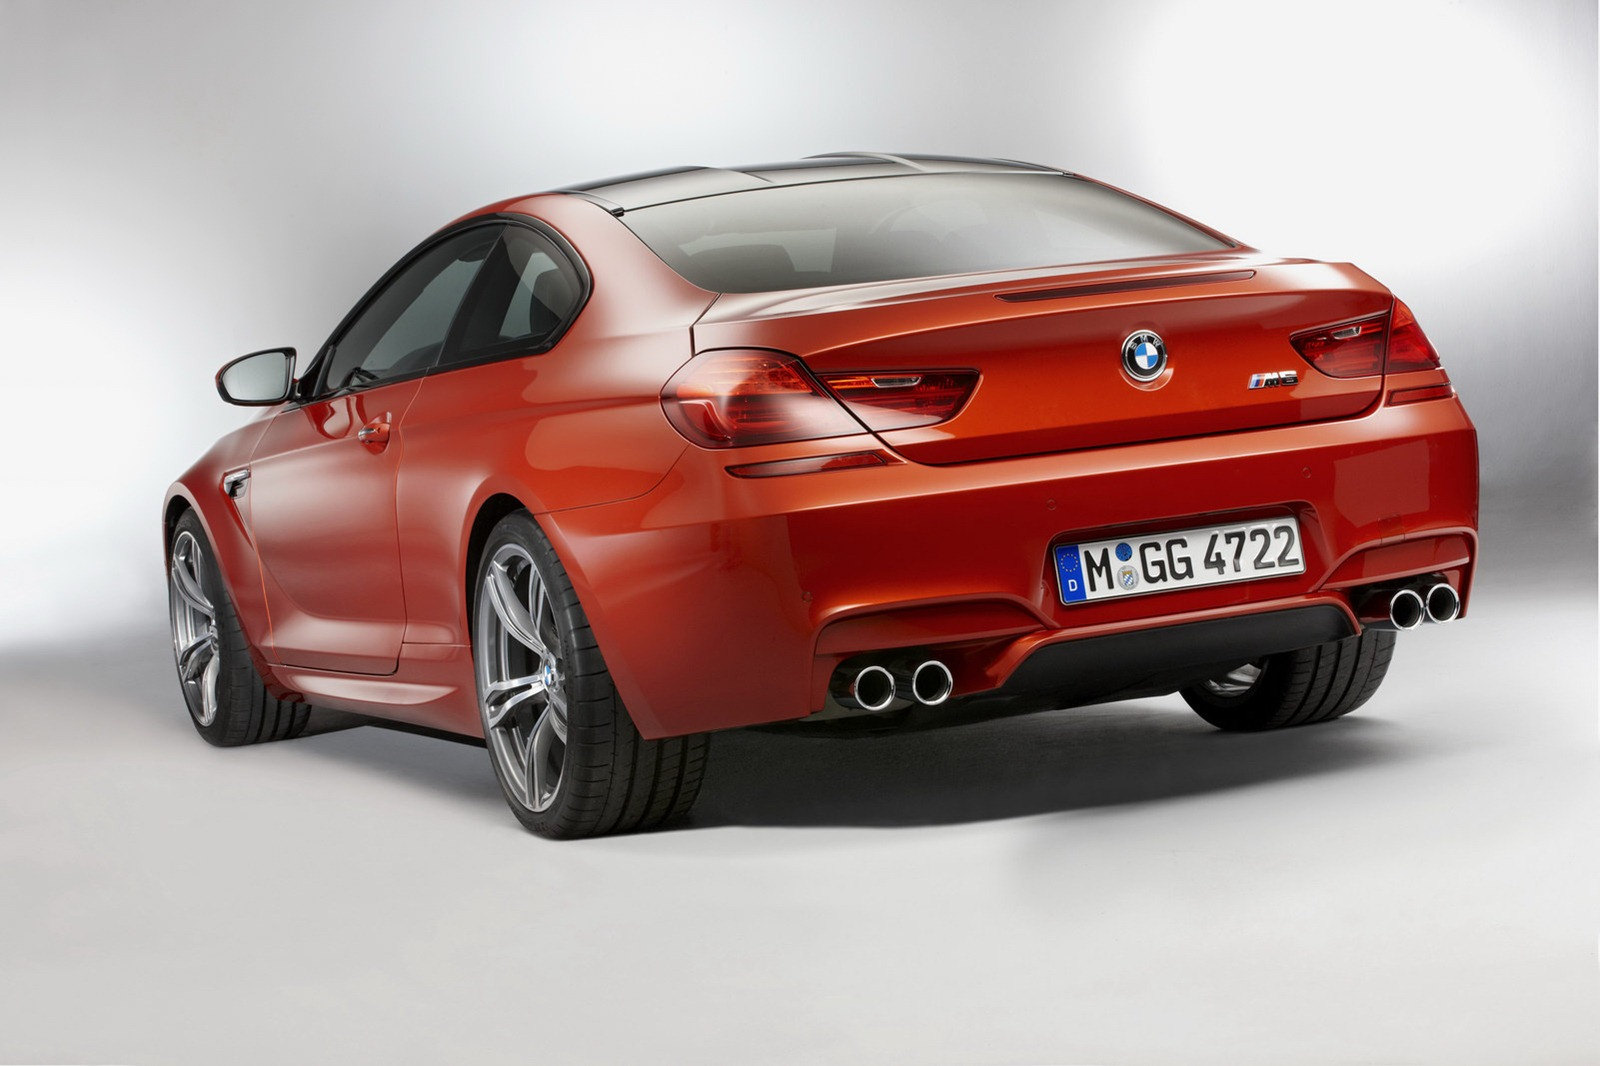 F12 BMW M6